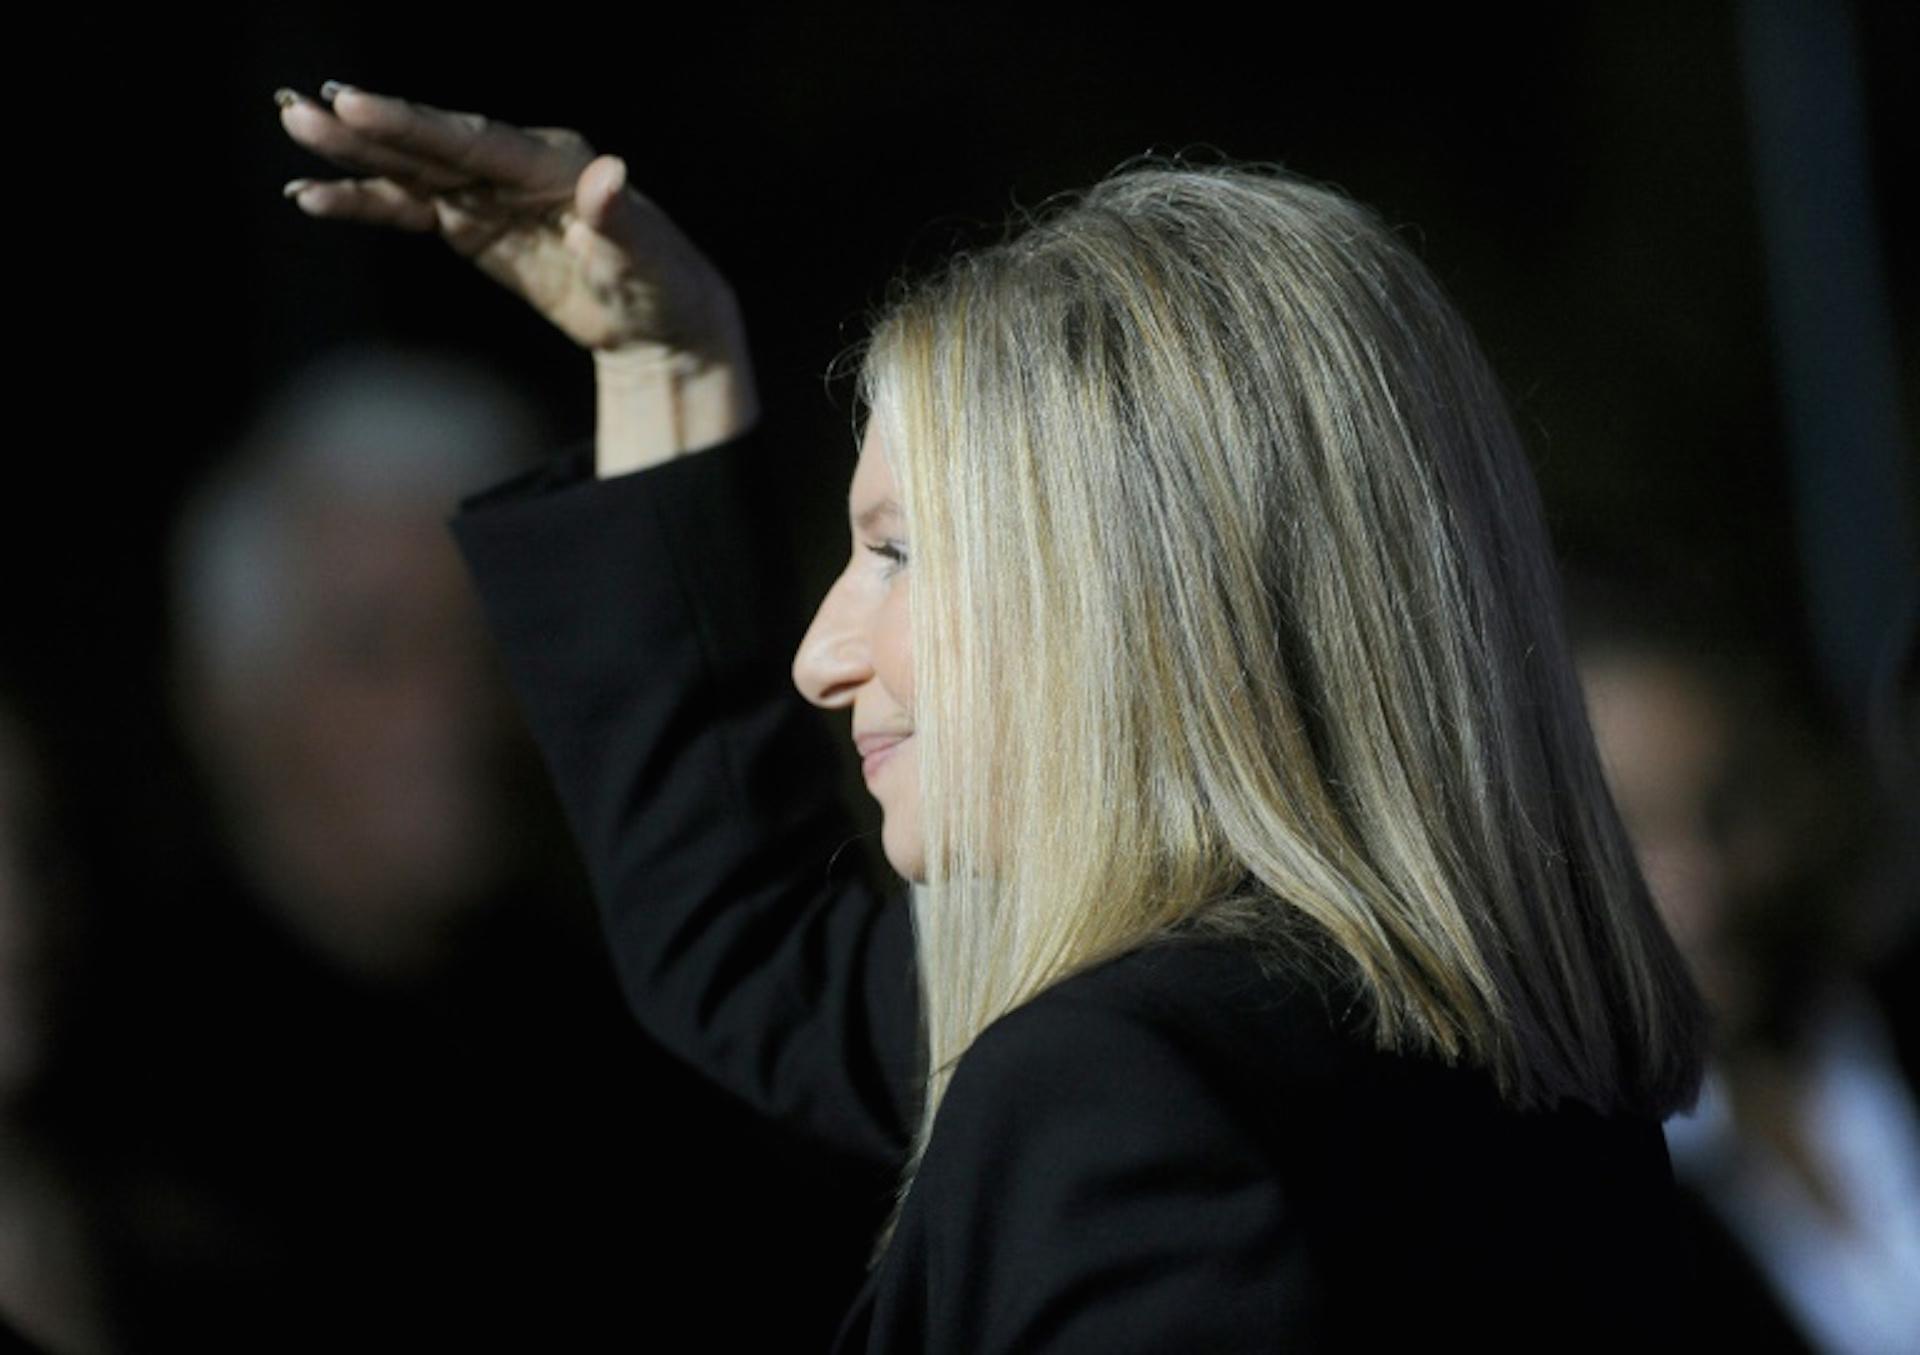 La cantante y actriz estadounidense Barbra Streisand, el 11 de diciembre de 2012 en Westwood, California (Getty/AFP/Archivos – Jason Merritt)